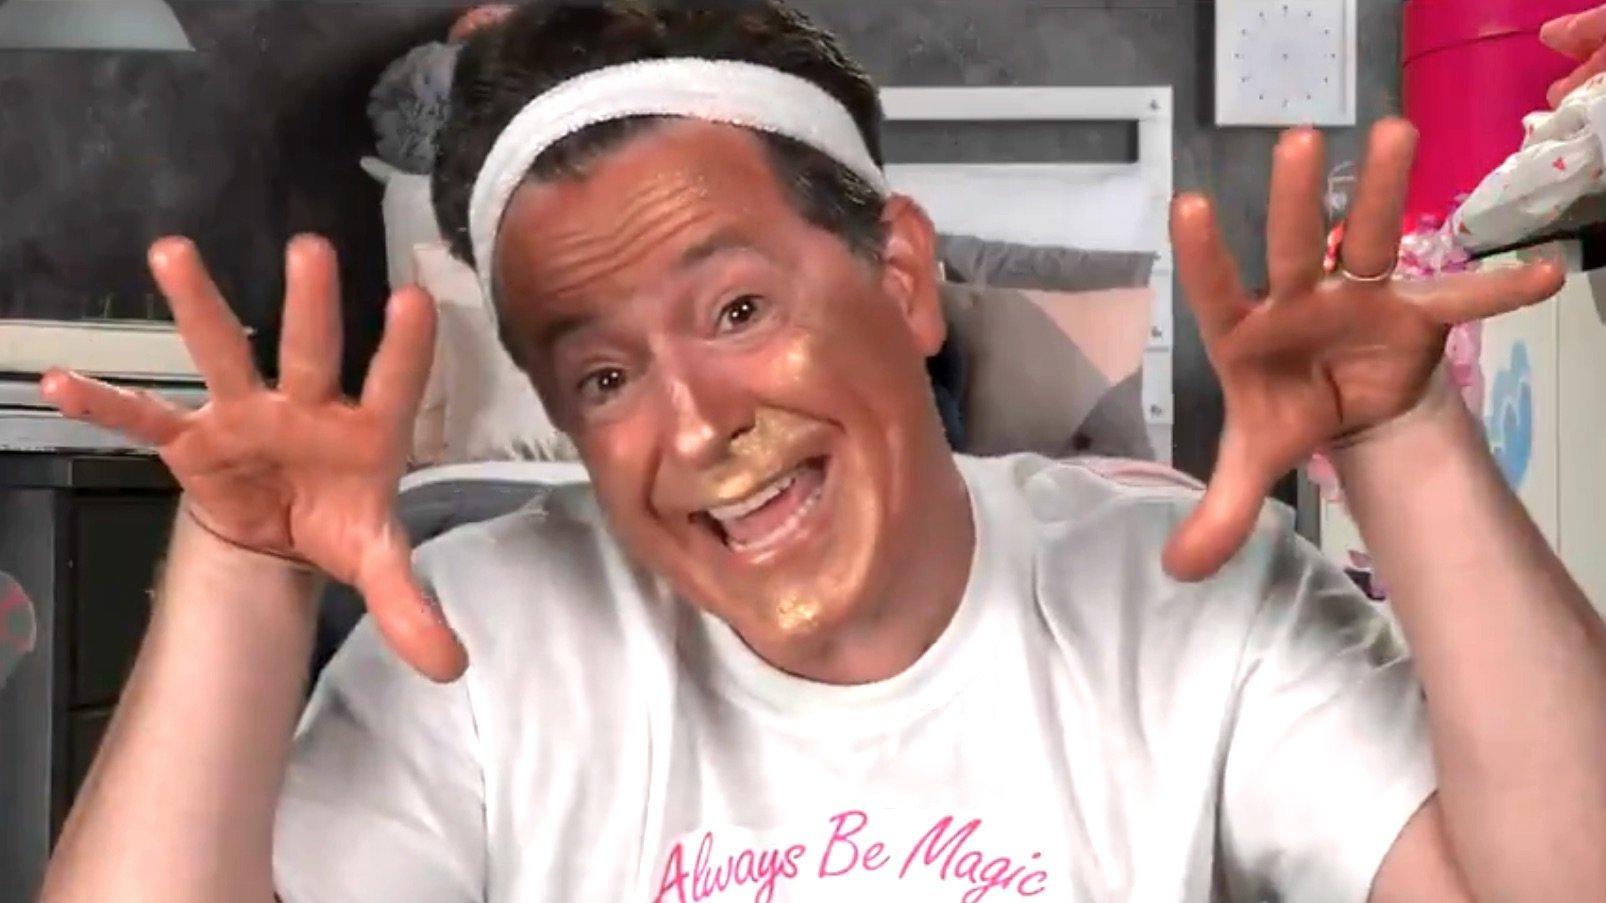 Stephen Colbert Mocks Trump's New Look With Brutal Presidential Makeup